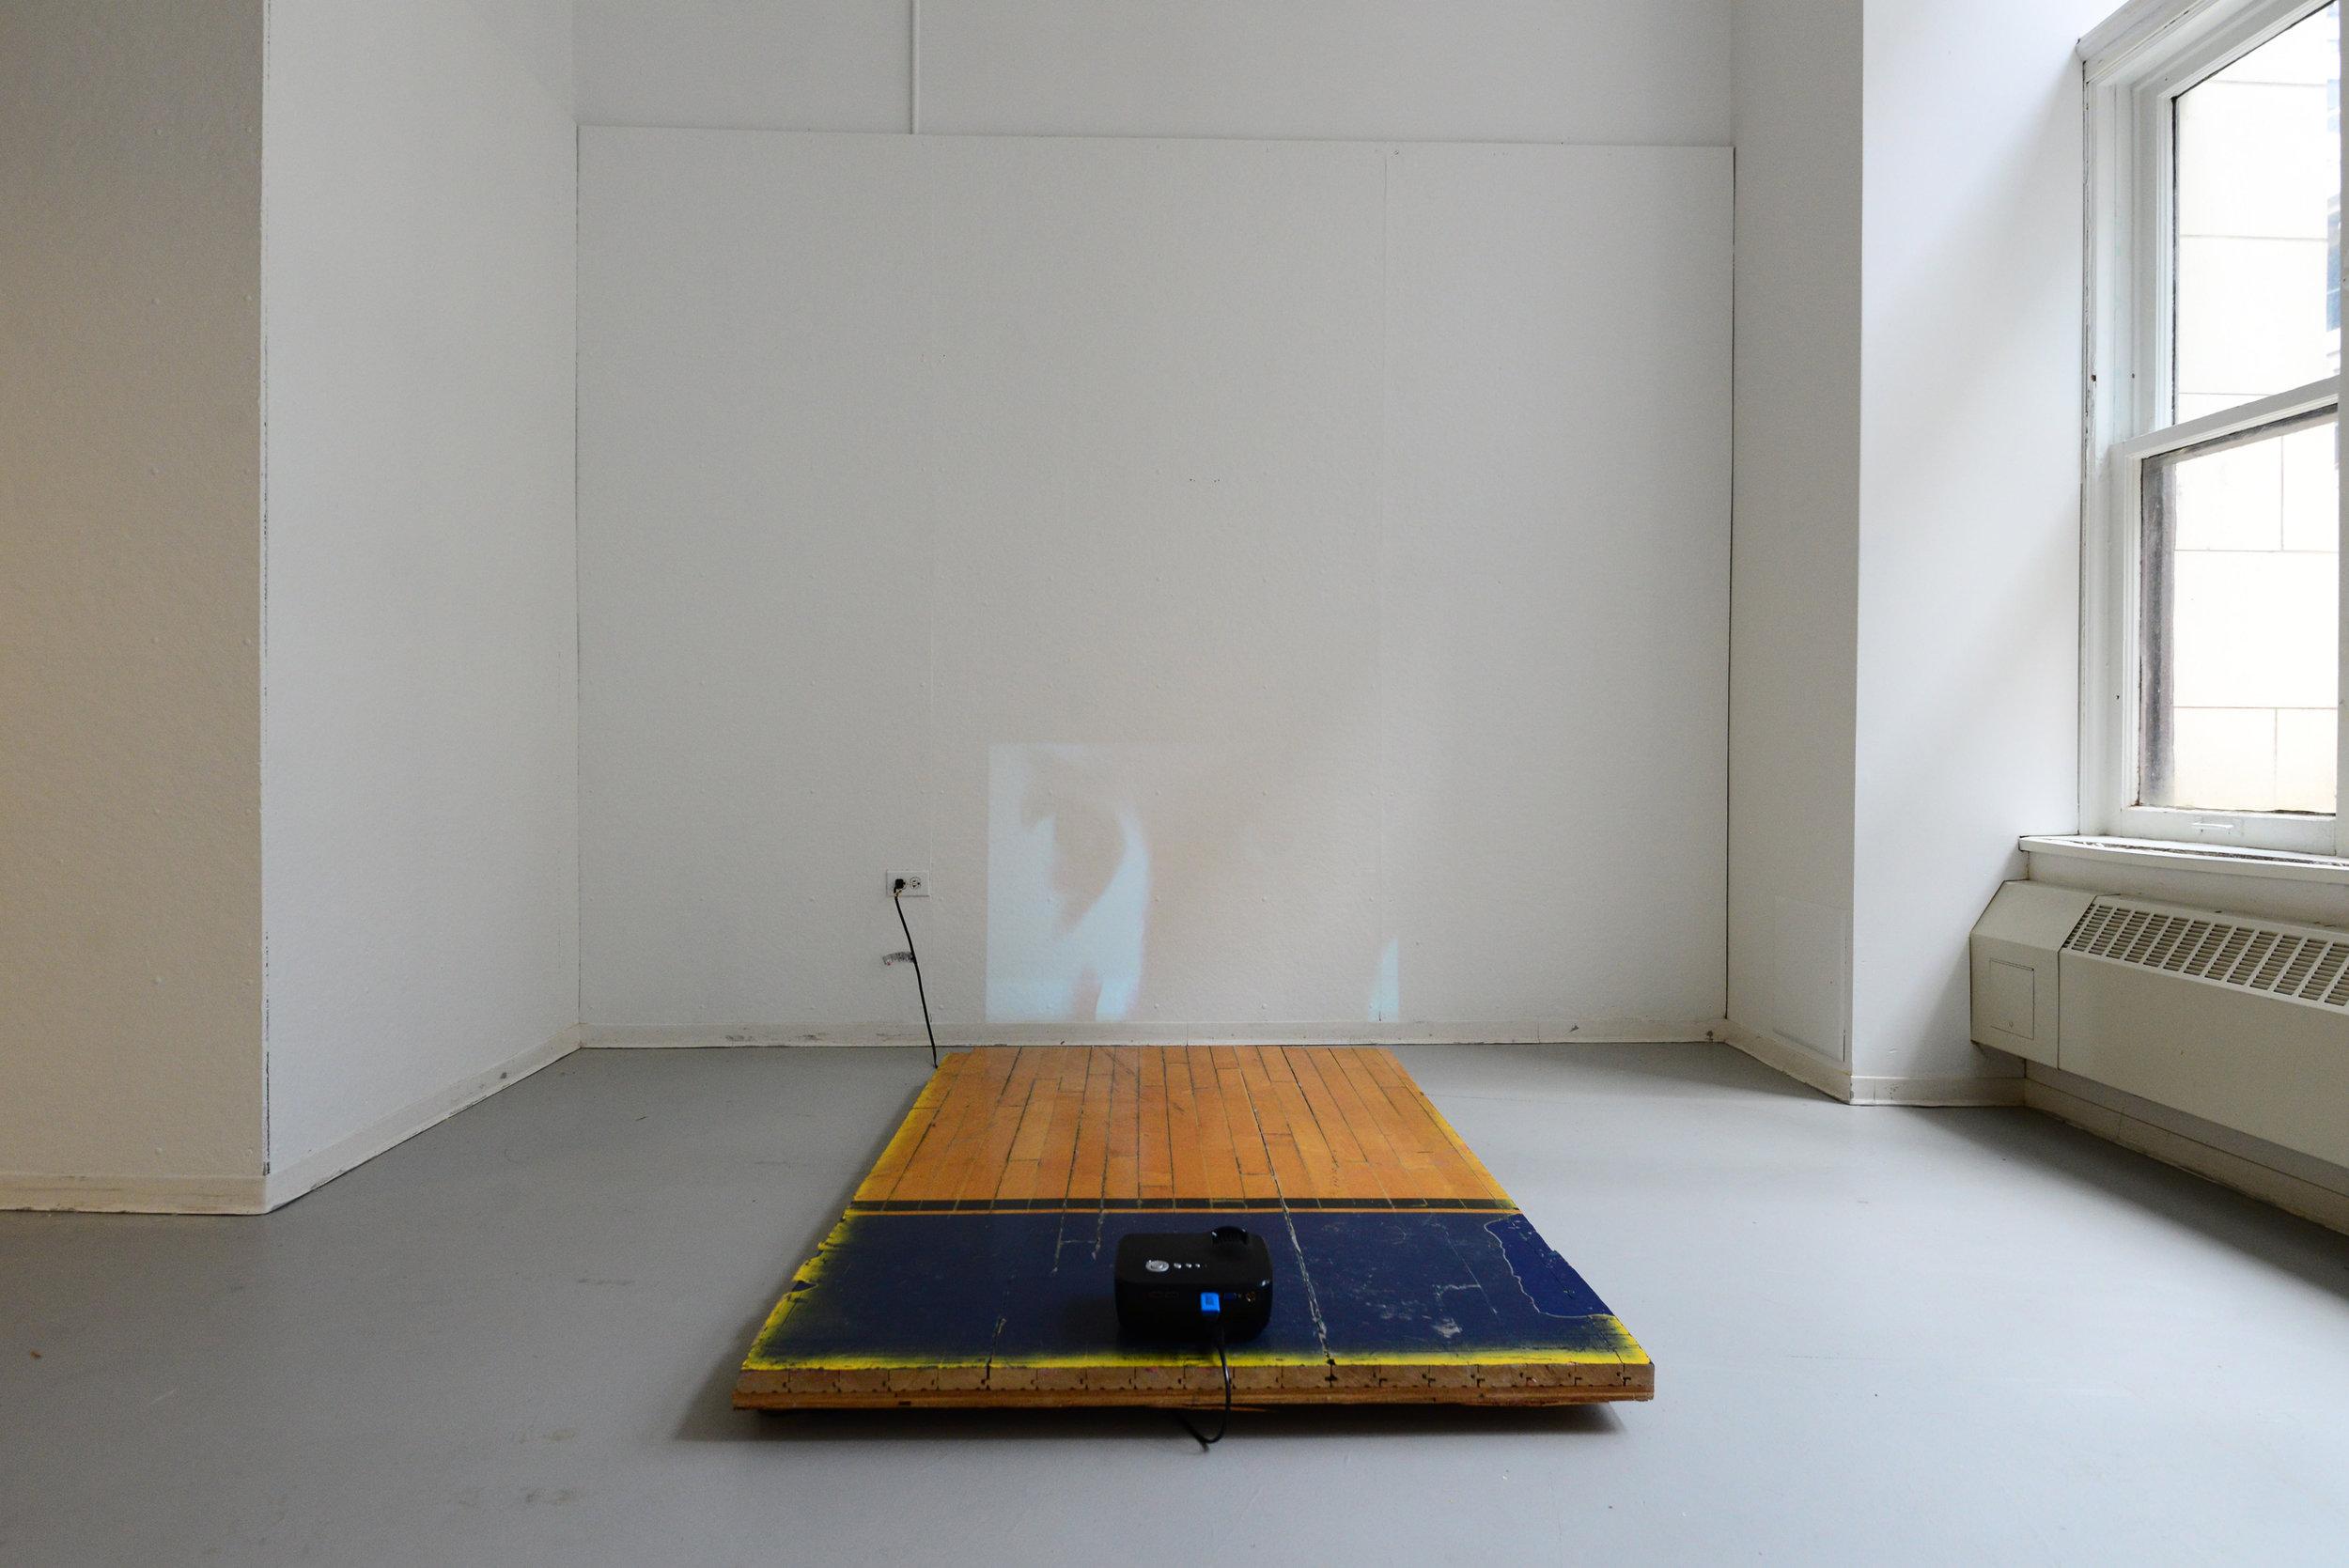 Jacqueline-Surdell-Artist-Installation-Shuddering-Turns-to-Sobbing-03.jpg